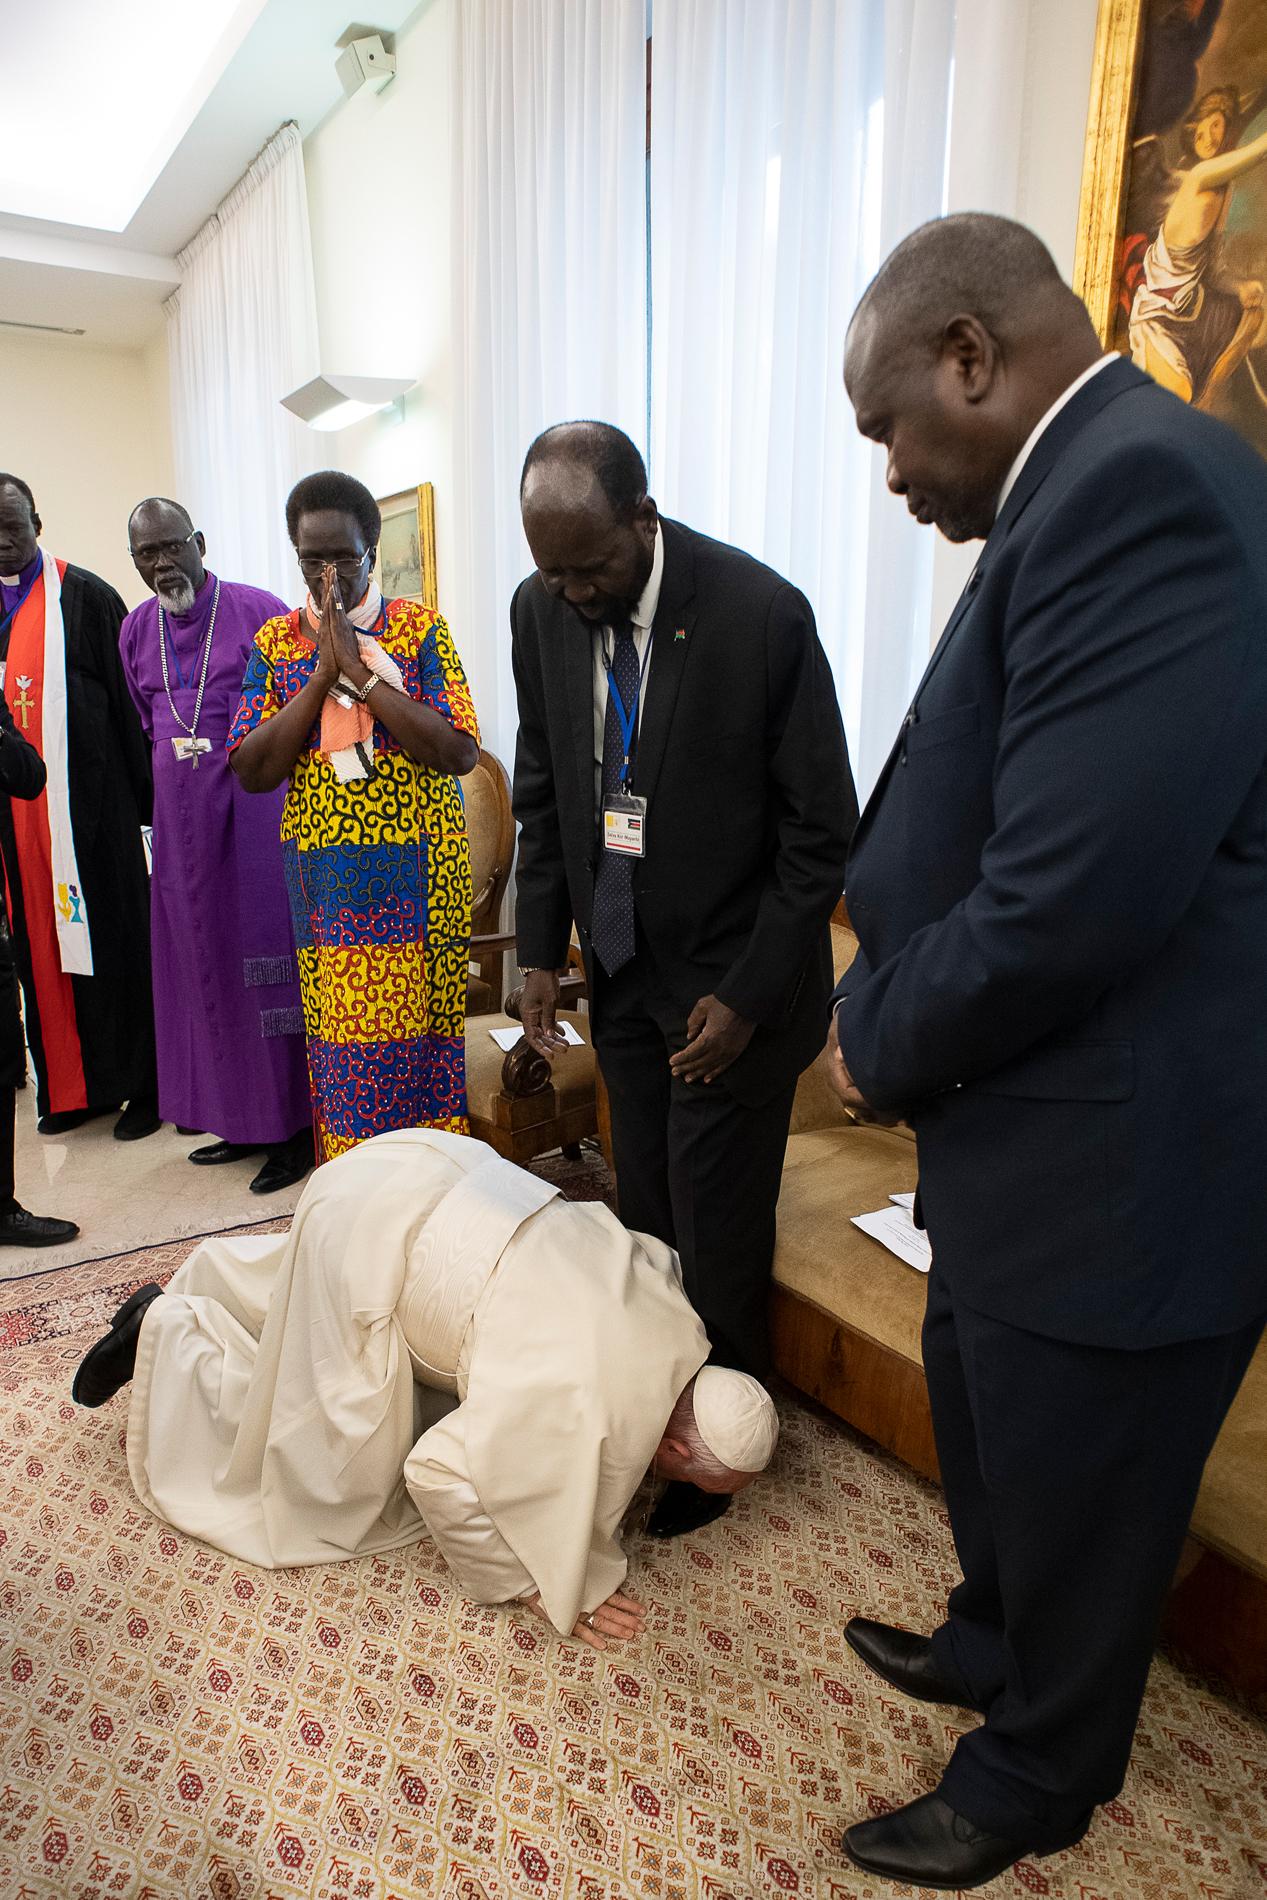 Le pape à genoux devant les leaders du Soudan du Sud © Vatican Media